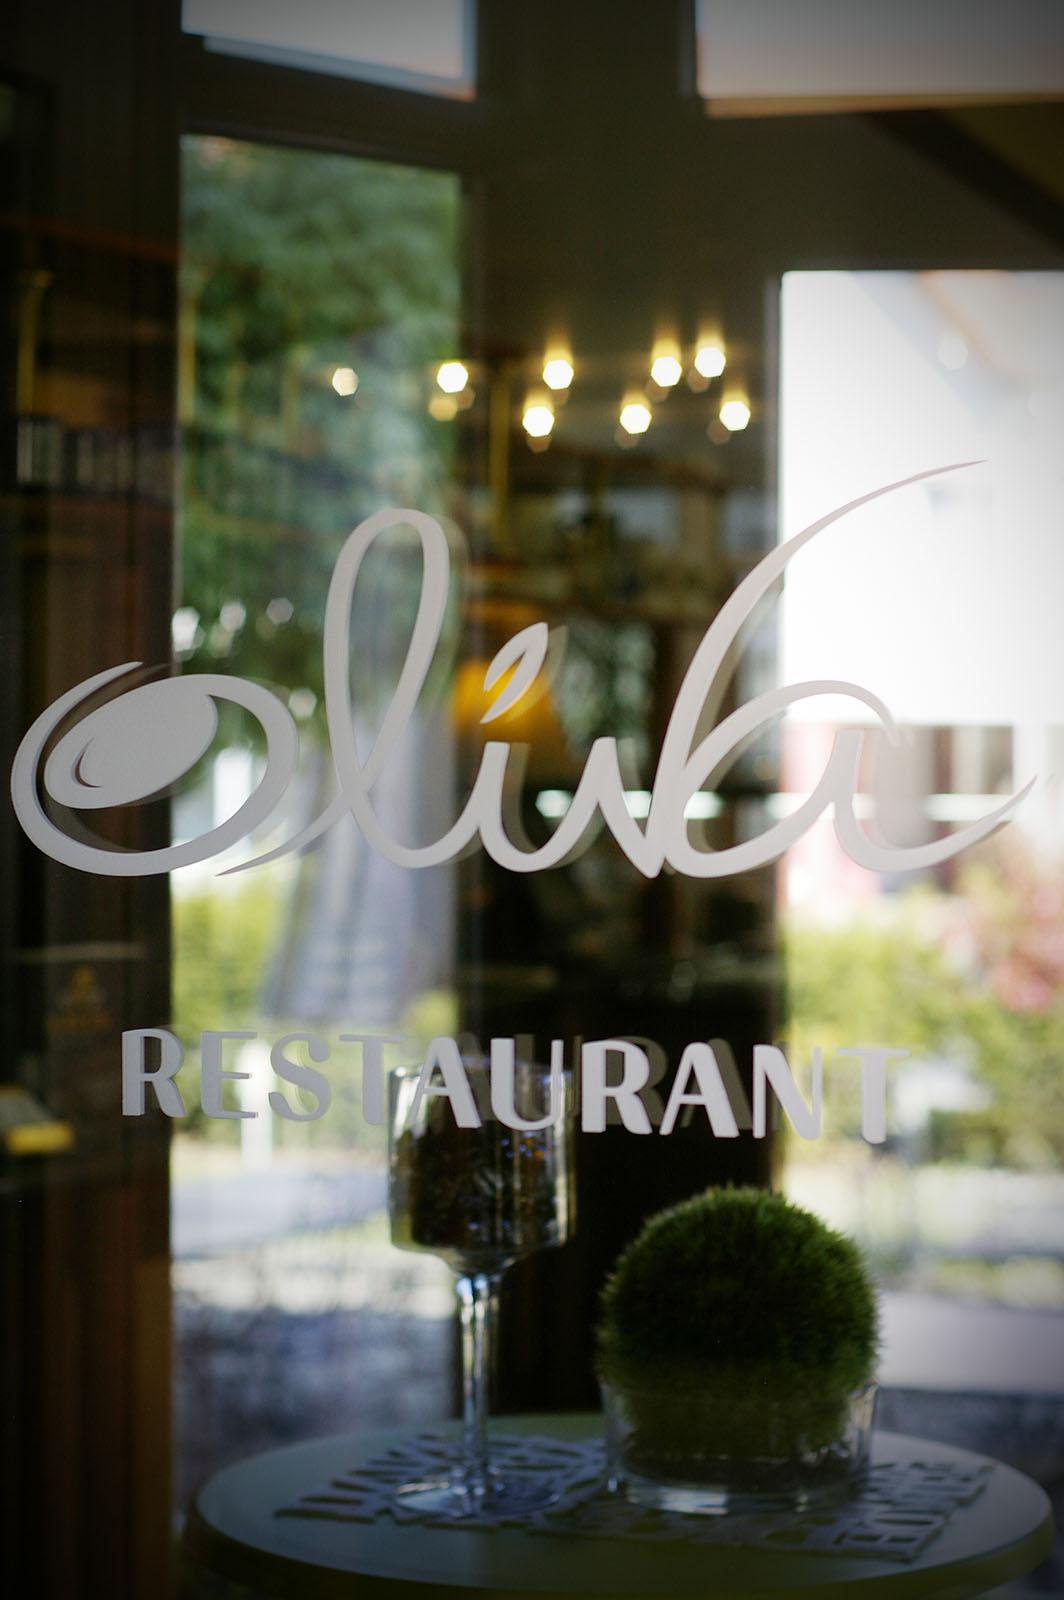 Az Oliva étterem bejárata